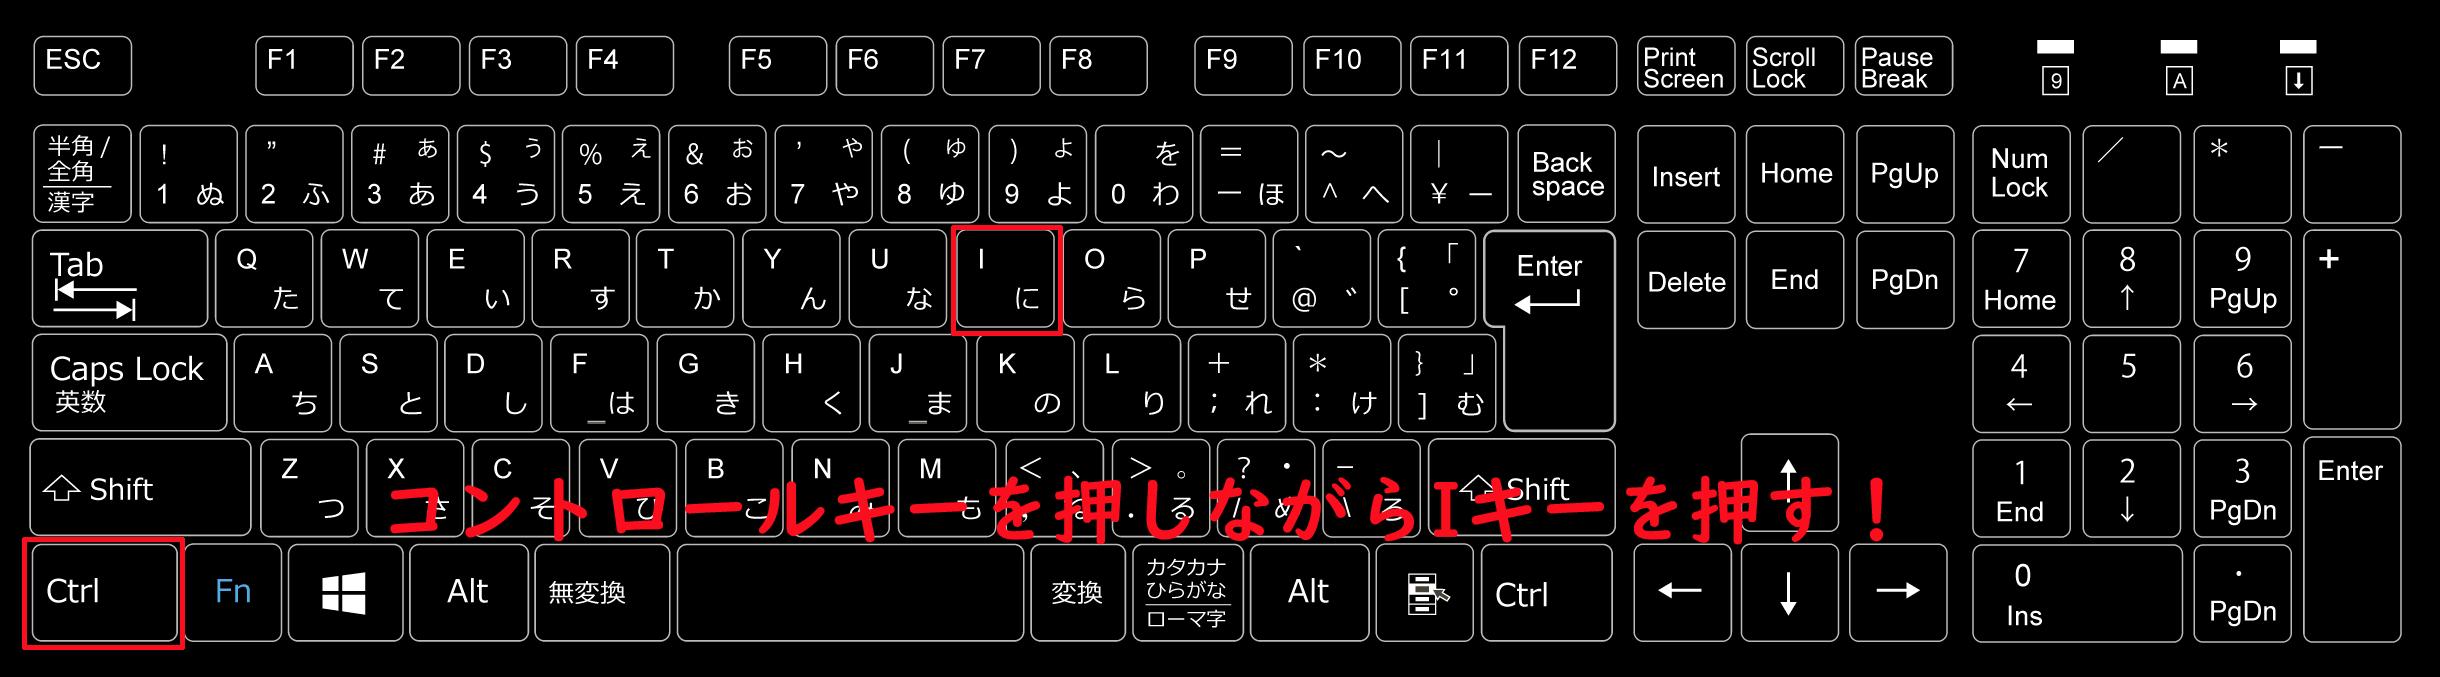 斜体にしたい文字を選択した状態でコントロールキーを押しながらIキーを押す!